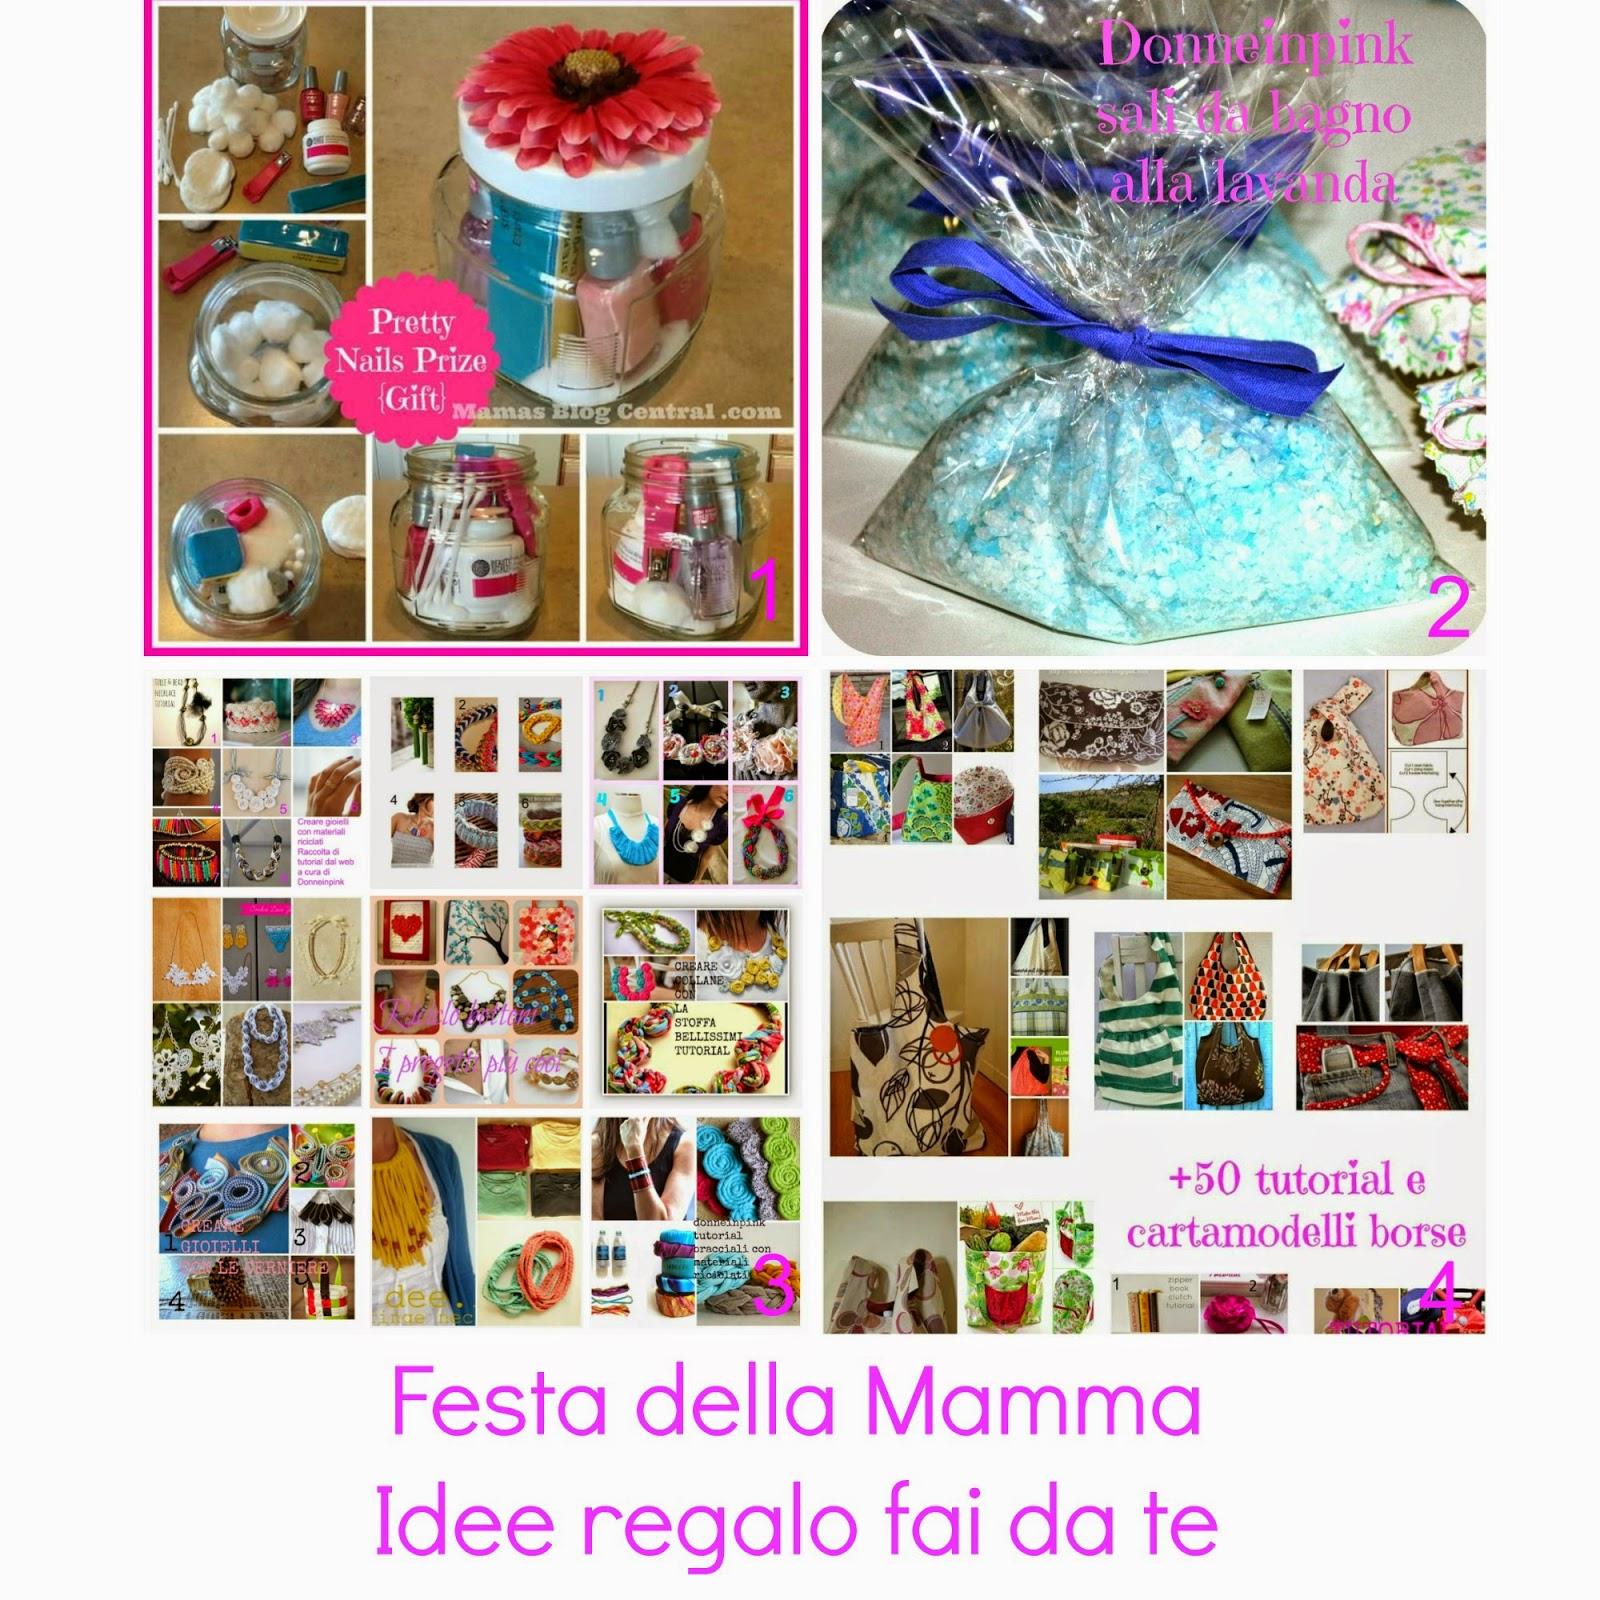 Festa della Mamma regali fai da te  dc3023e2fd04